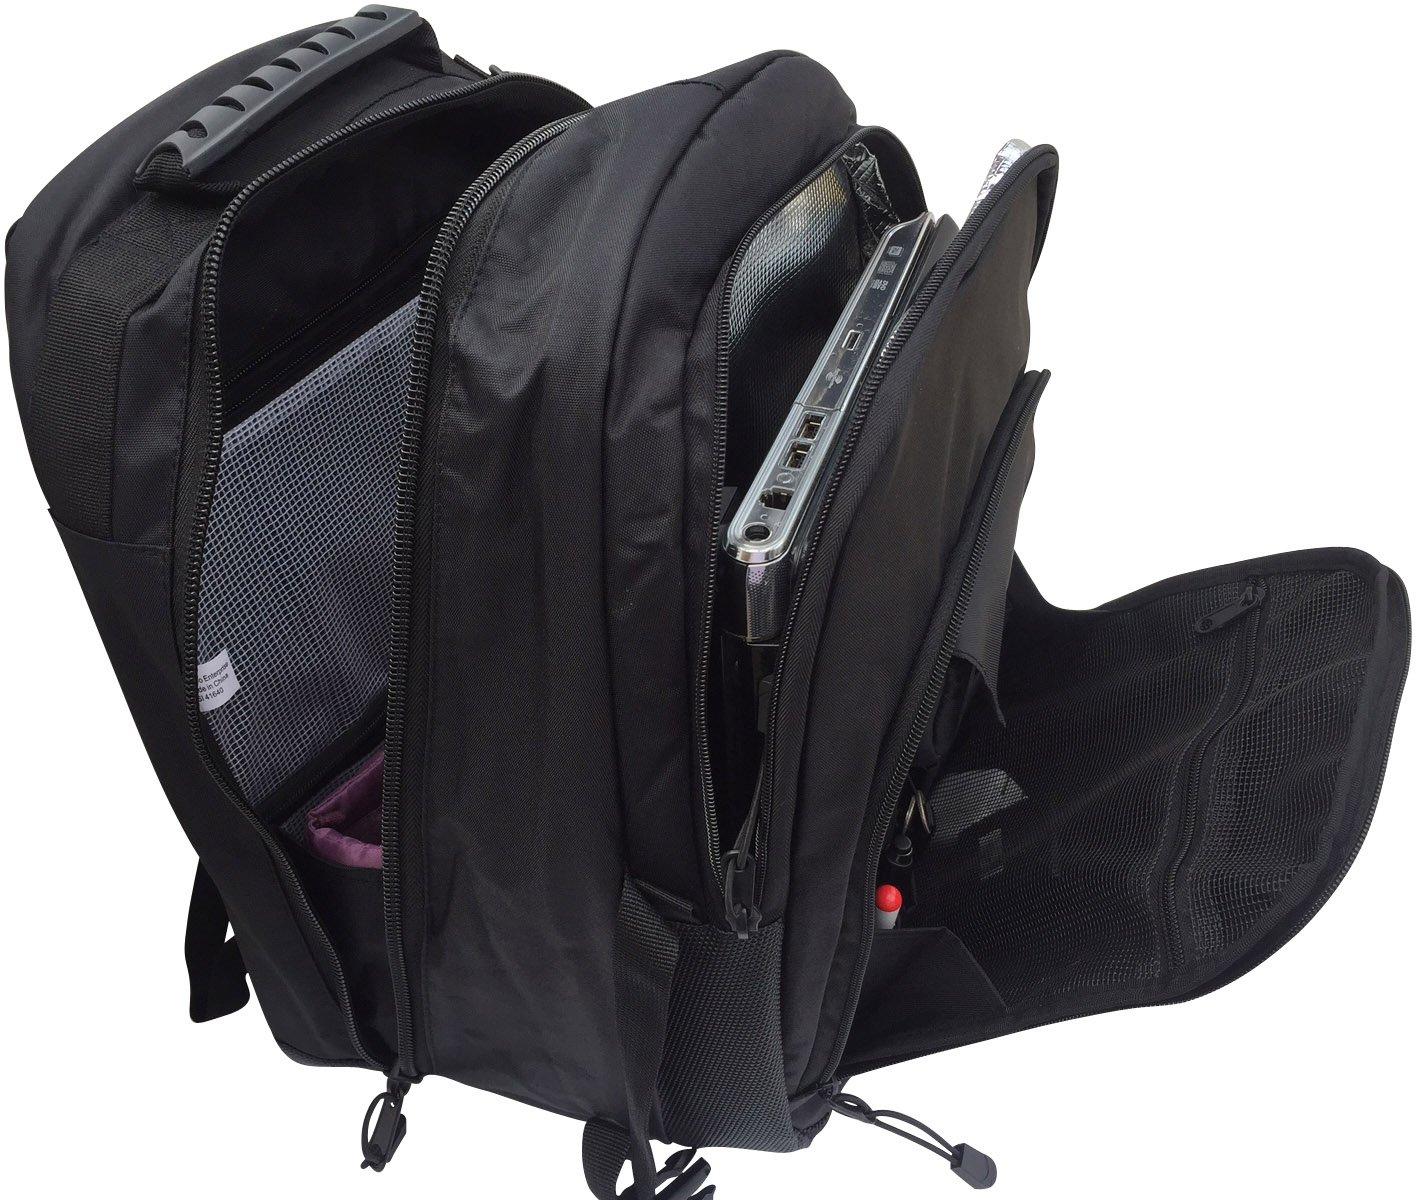 多機能カメラバックパック パッド入りカメラバッグインサートと15.4インチのノートパソコンコンパートメント付き ブラック B01MSDUU7R